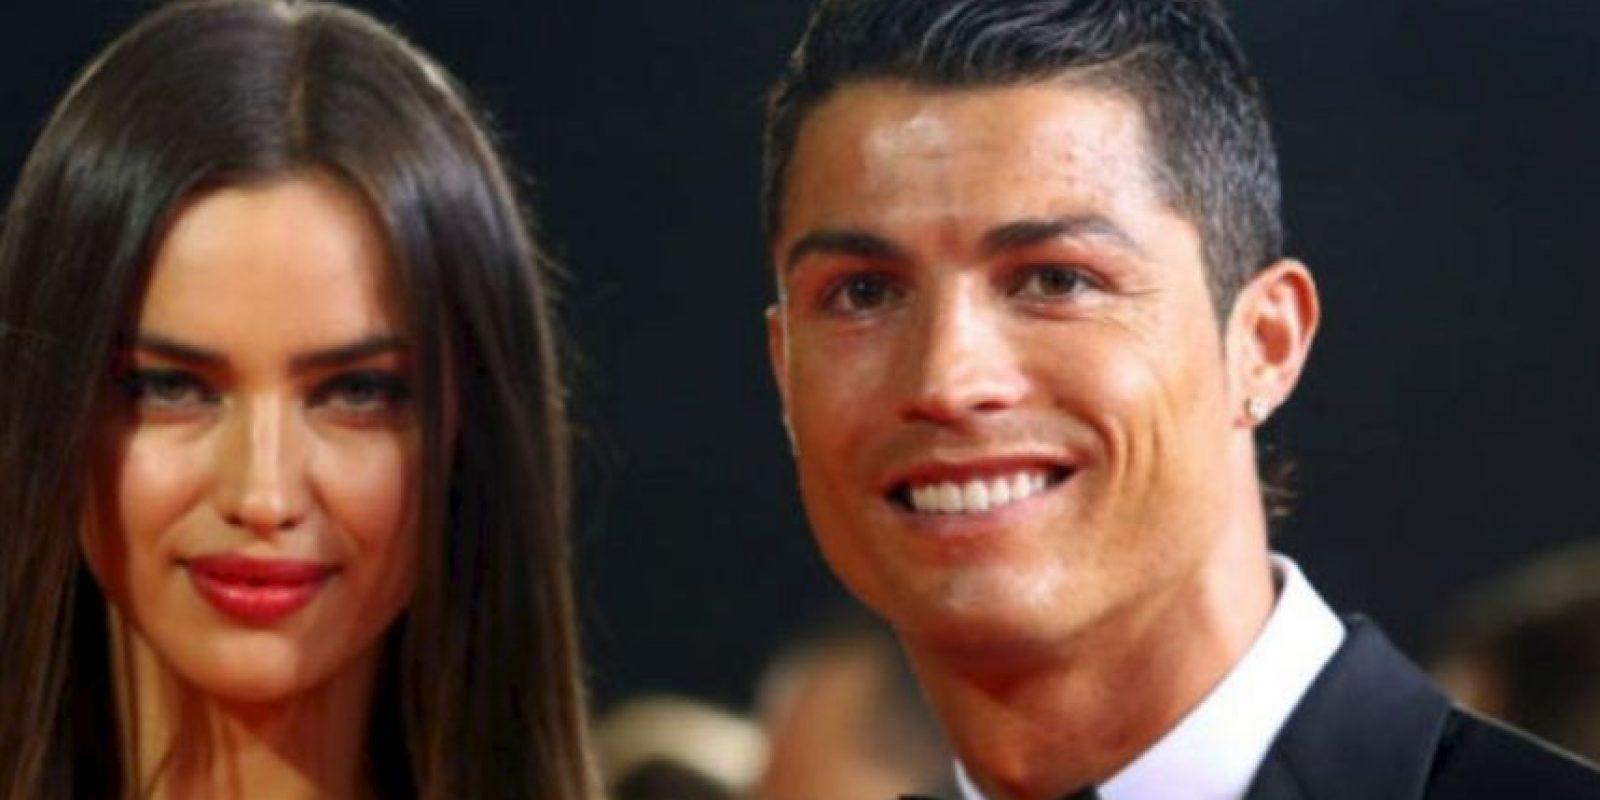 La modelo reveló las causas de su separación de Cristiano Ronaldo Foto:Getty Images